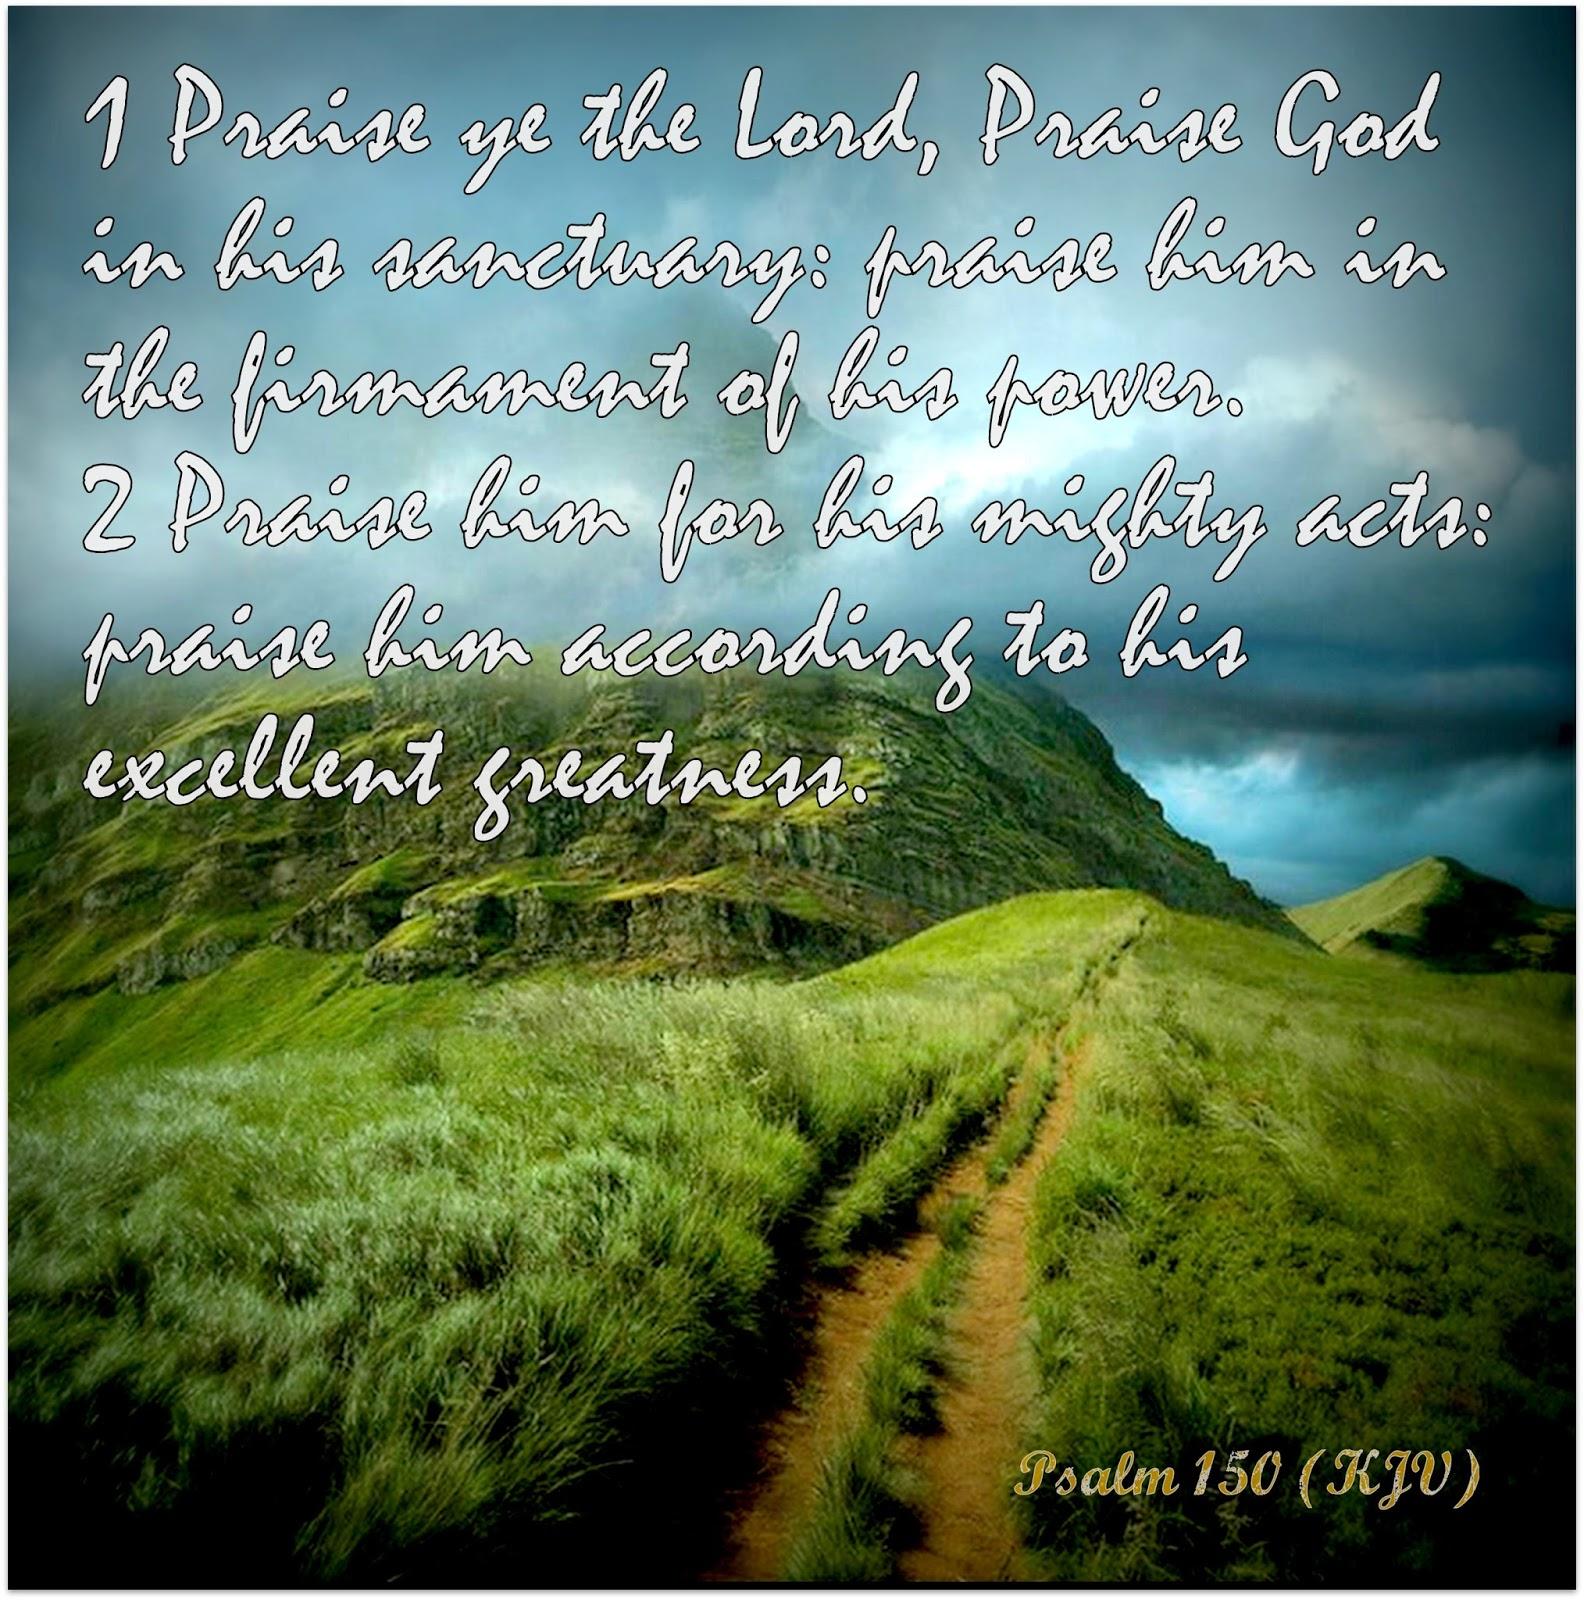 psalm 150 kjv